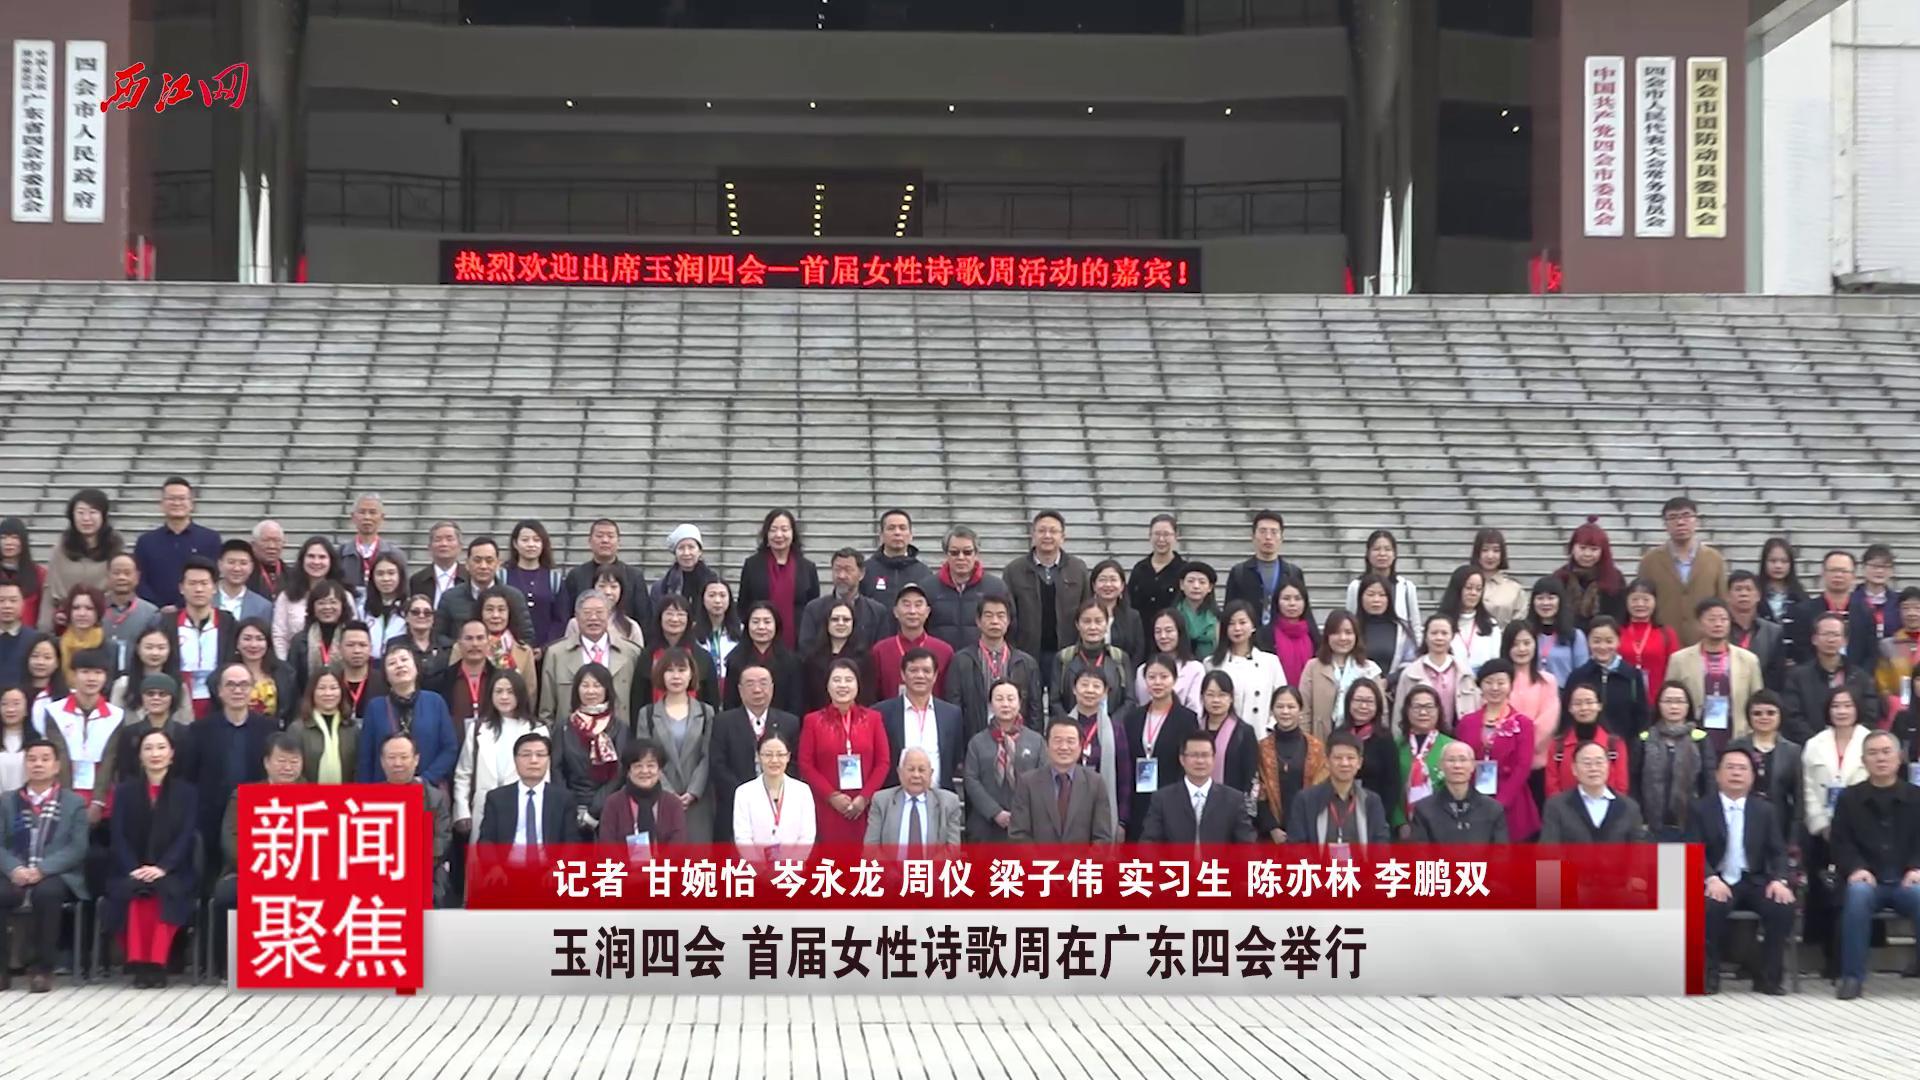 玉润四会 首届女性诗歌周在广东四会举行